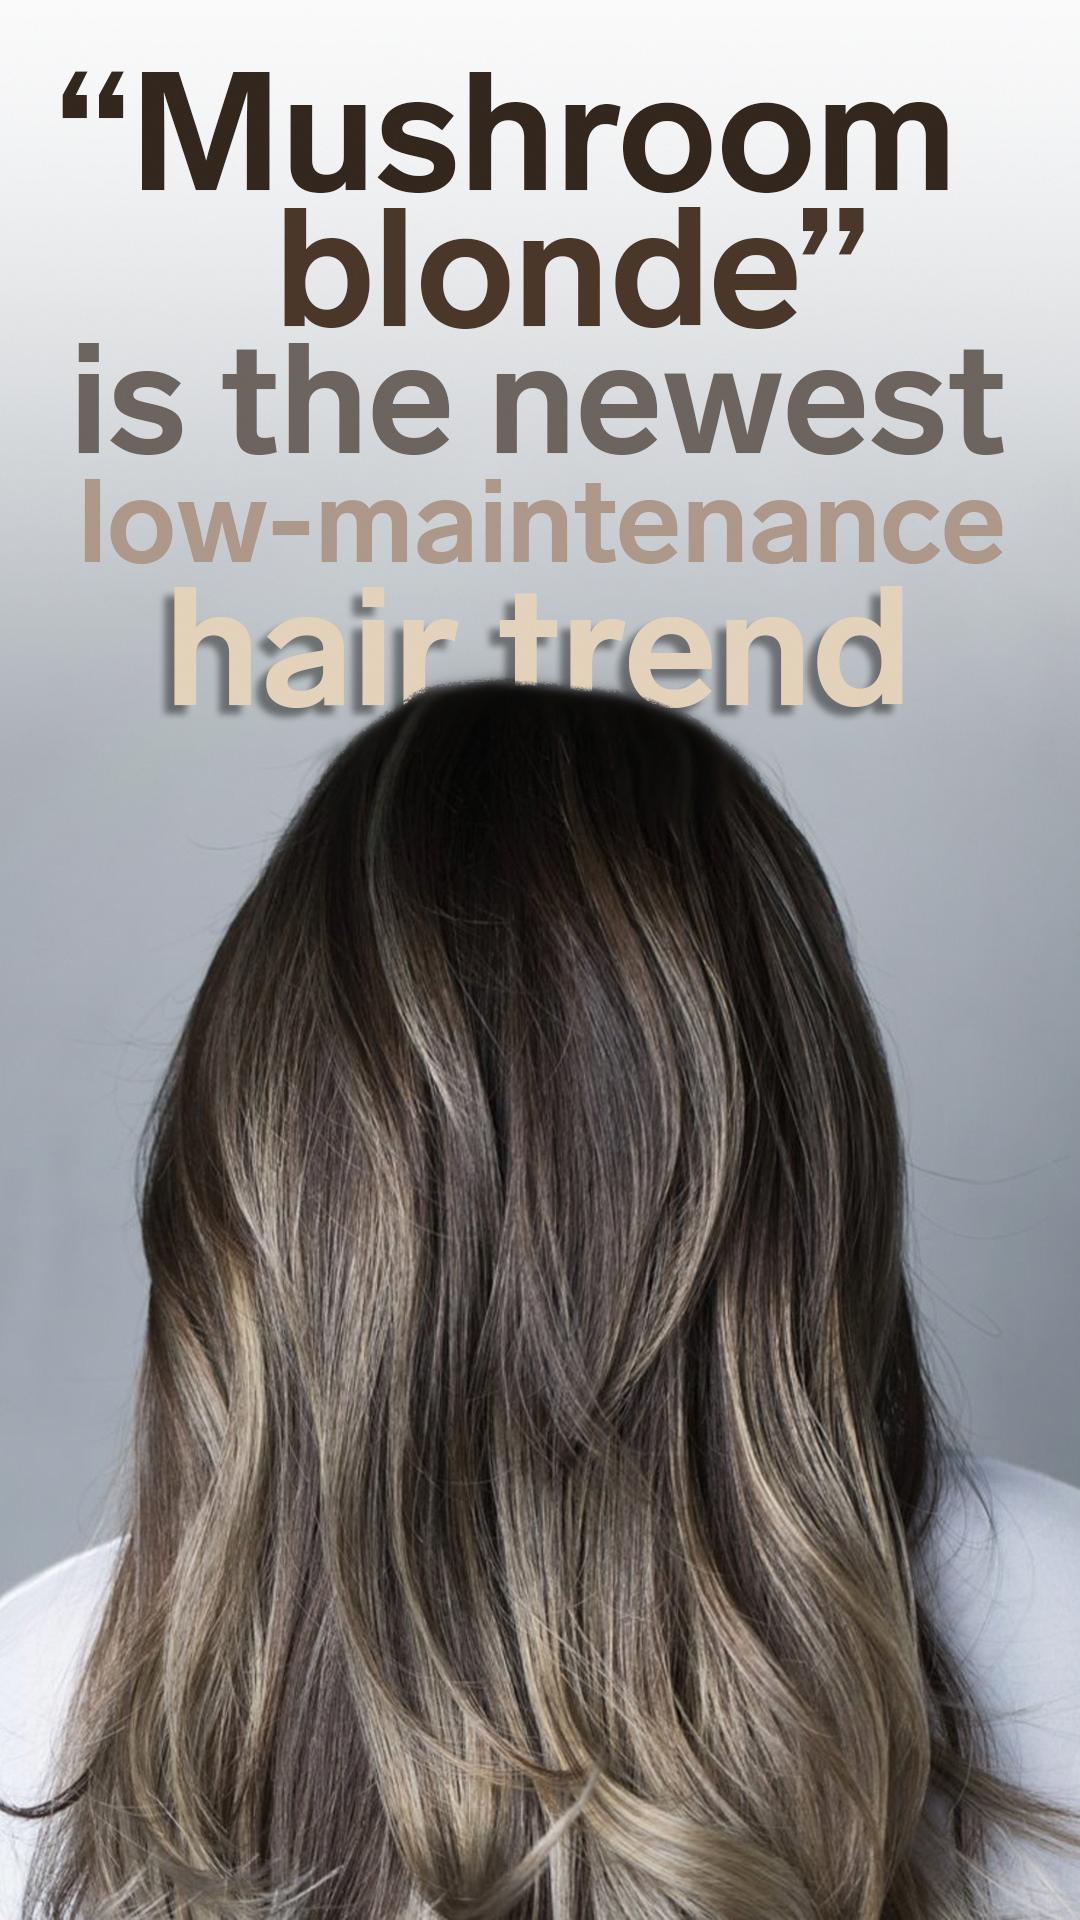 Brownhair In 2020 Low Maintenance Hair Brown Hair Trends Ash Brown Hair Color